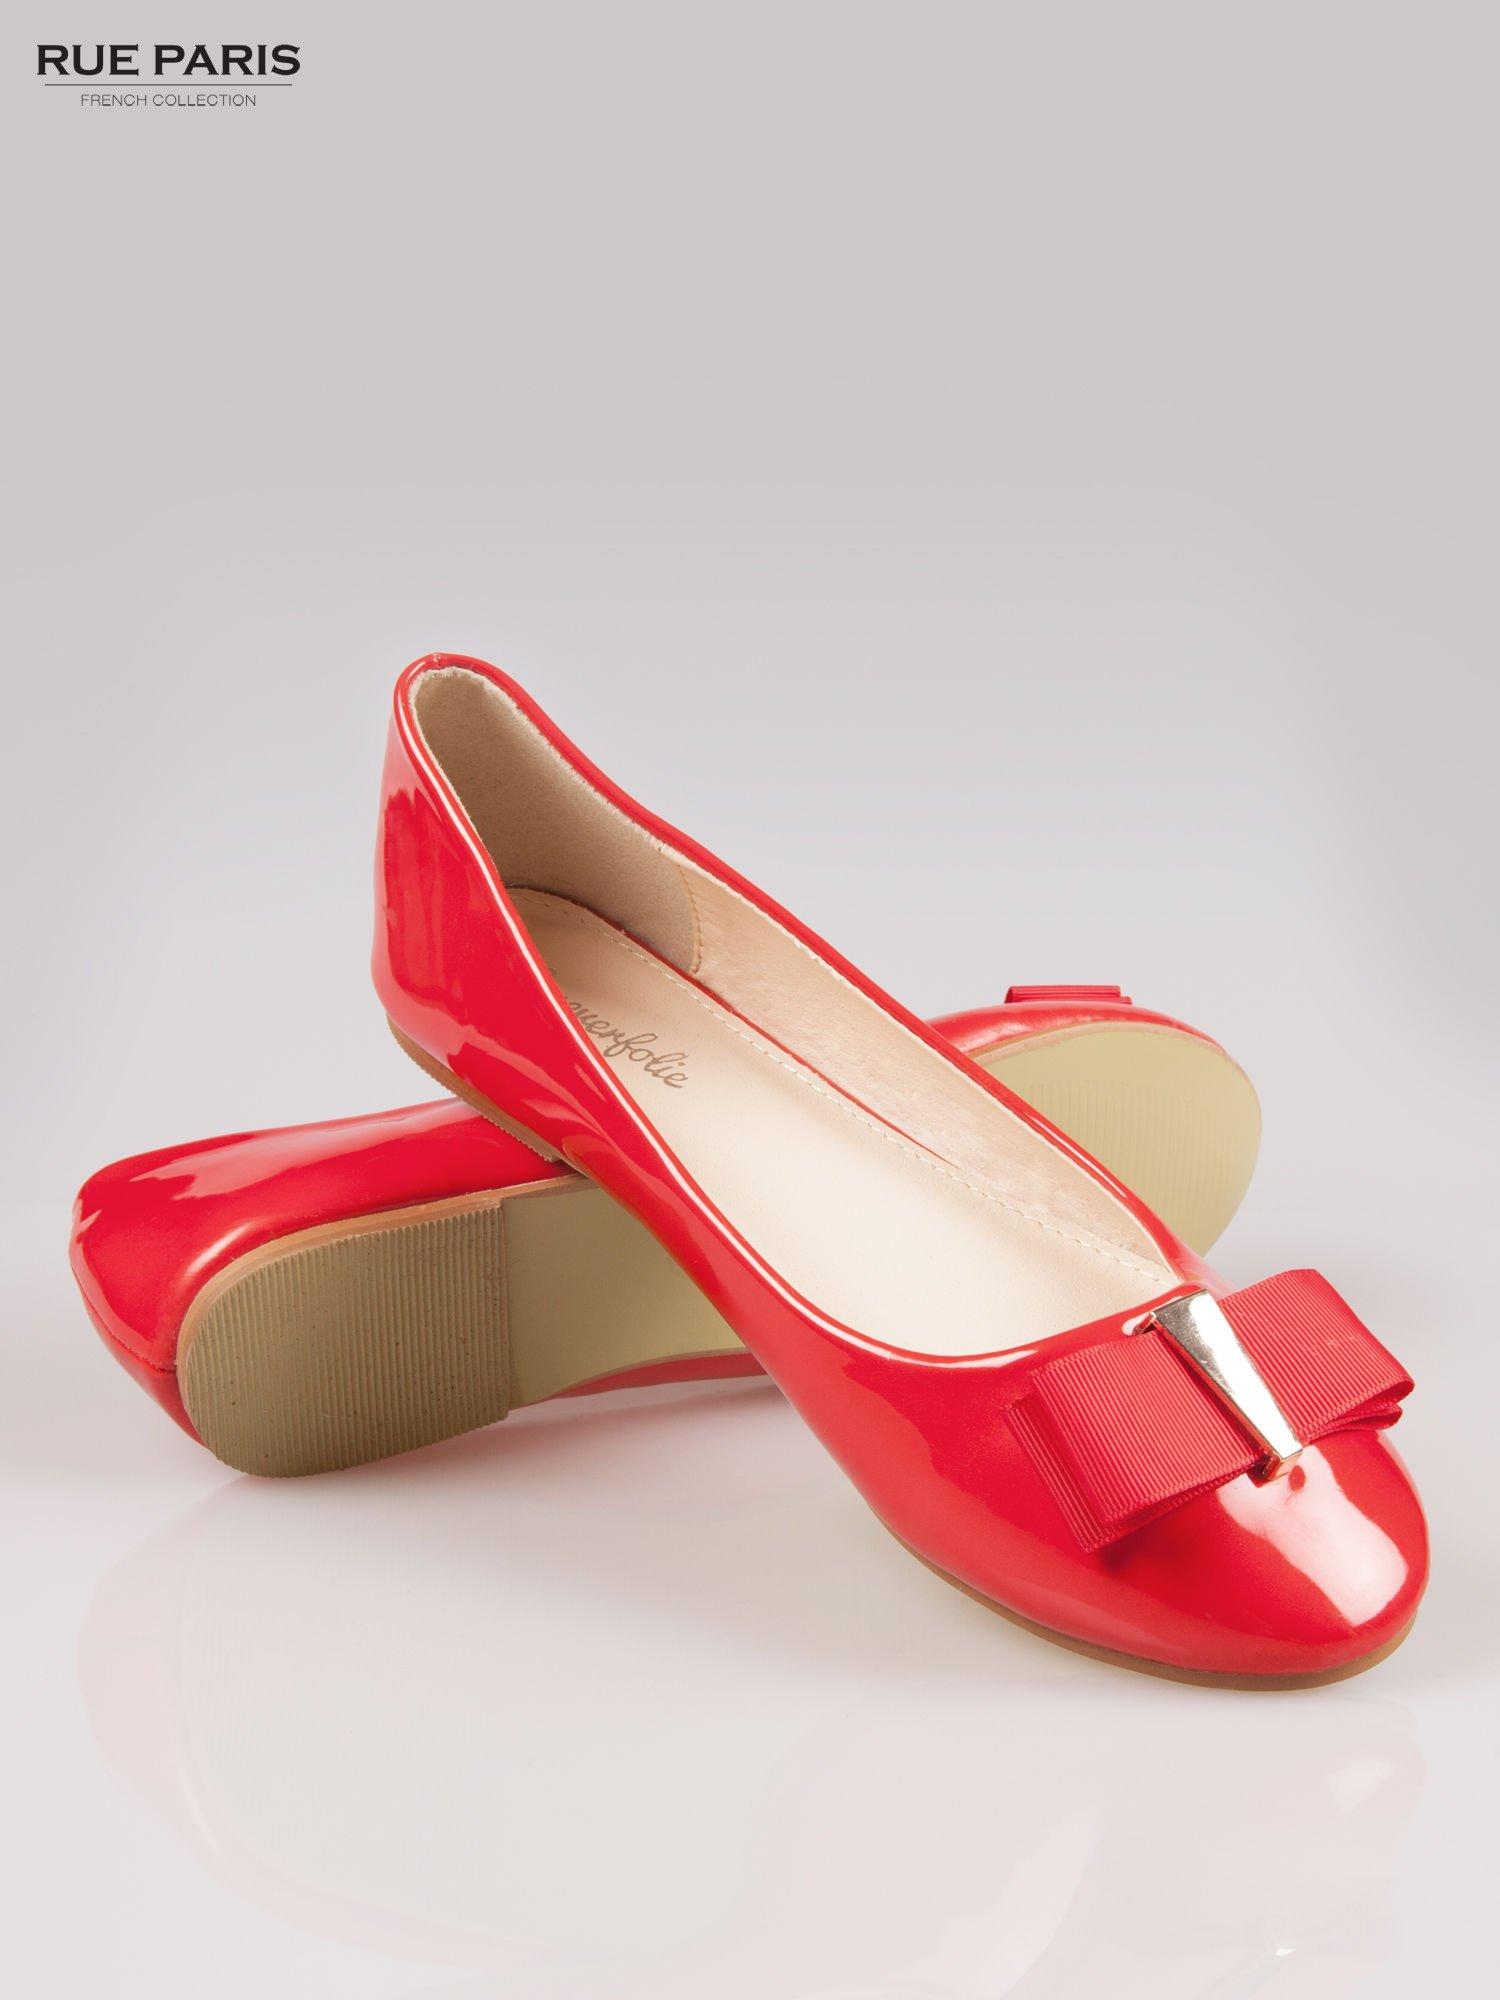 Czerwone błyszczące balerinki faux leather Melanie z kokardką                                  zdj.                                  4